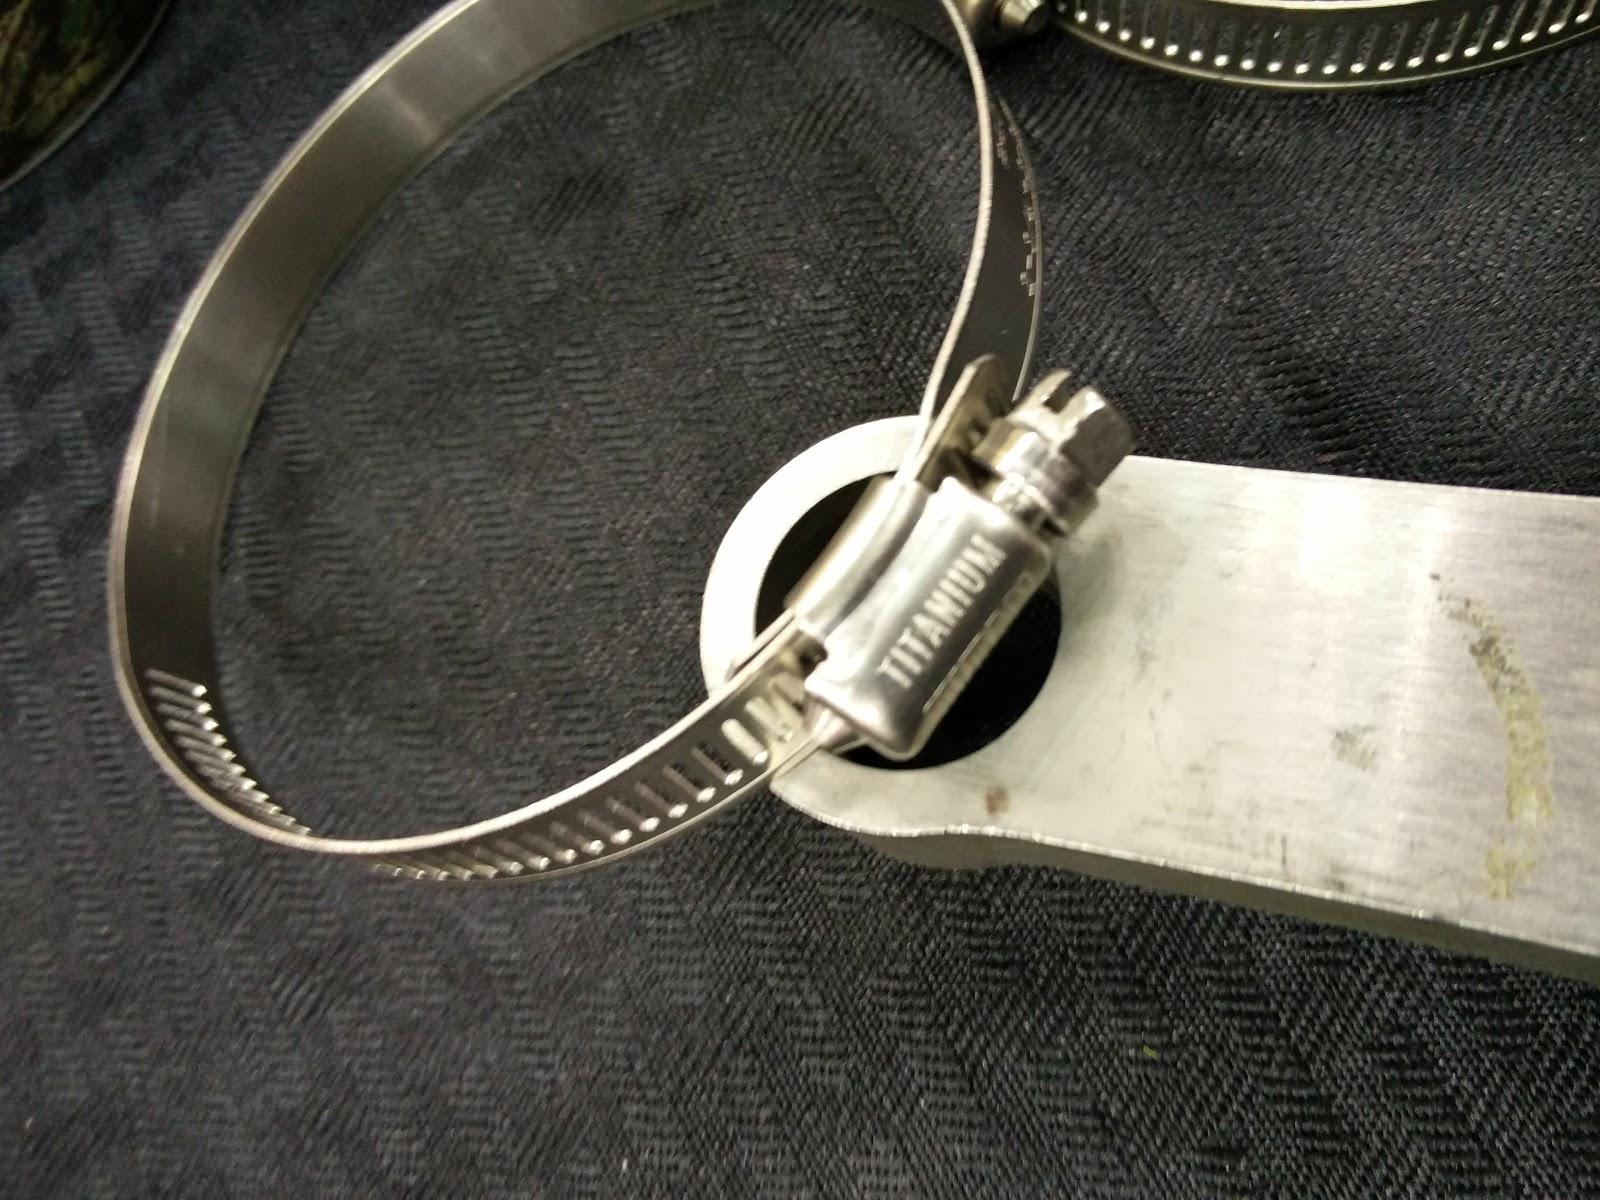 Neetronics Automotive LTD